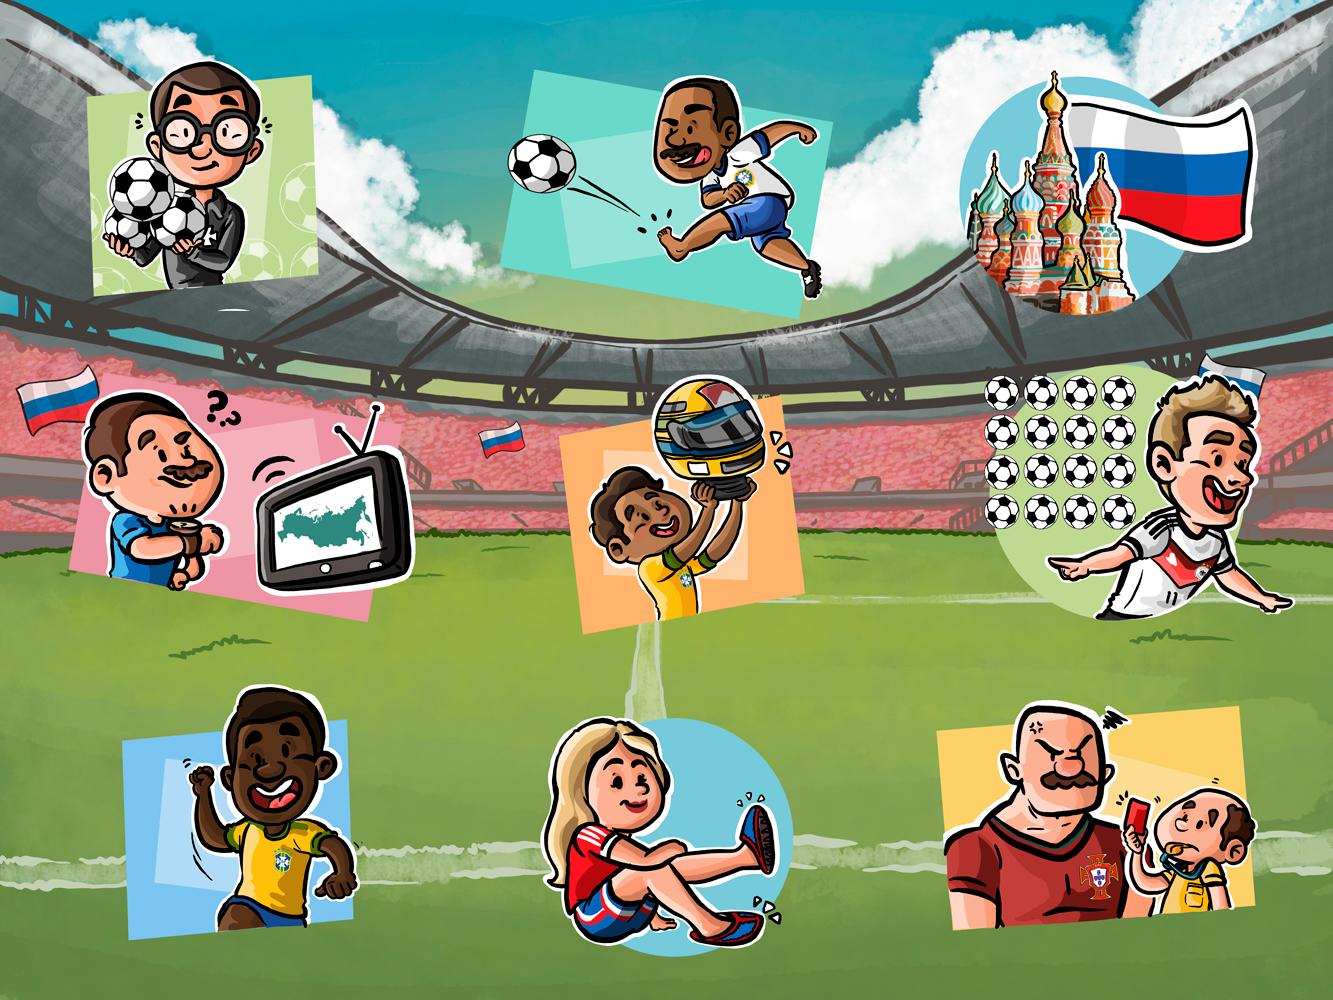 Ilustração e Desenho para ilustrar curiosidades da Copa do Mundo